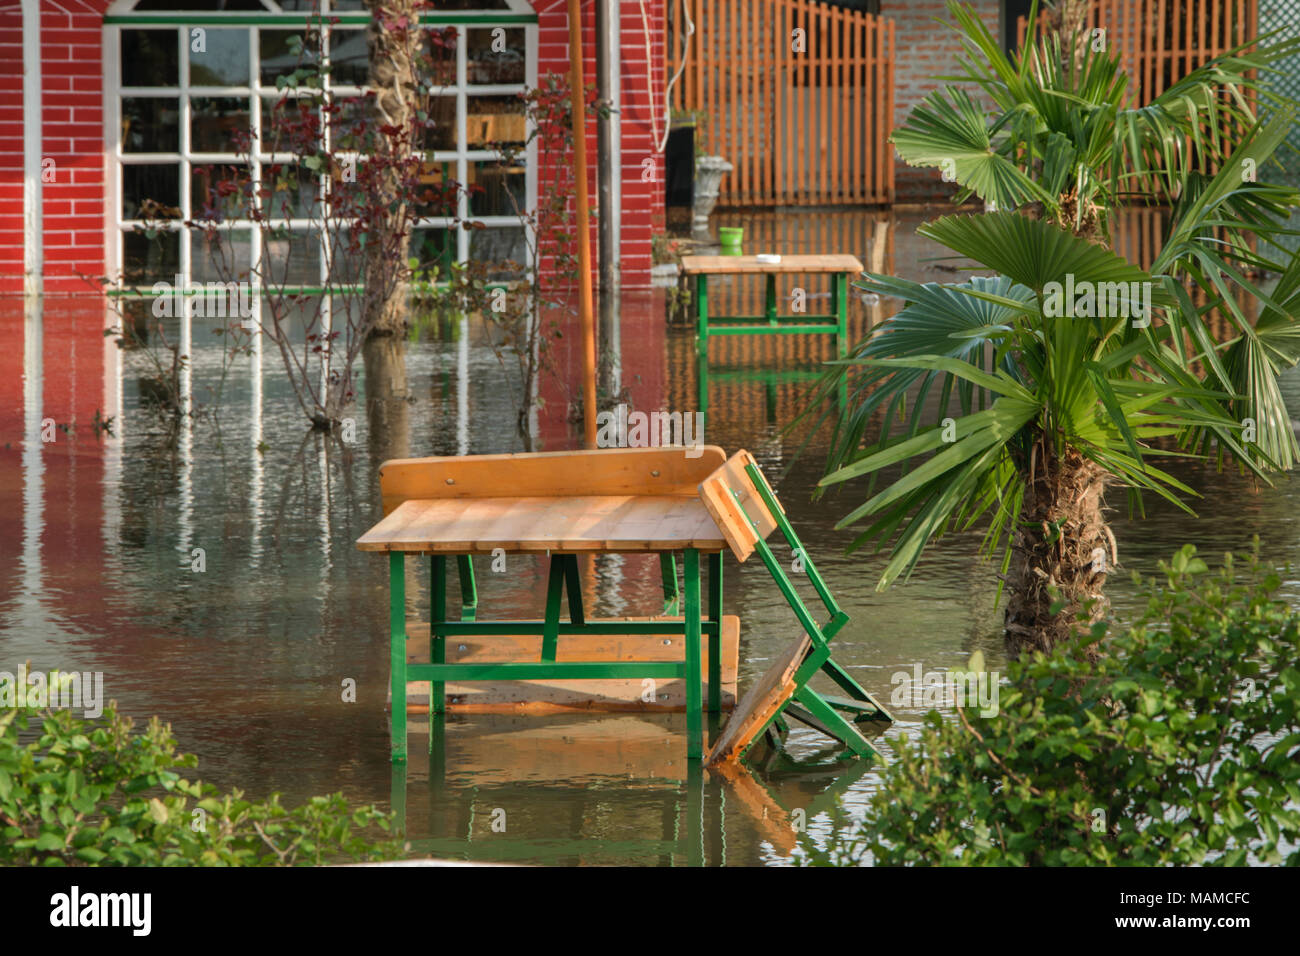 Die erhöhte Wasser aus Regen im Vorgarten Haus Konzept